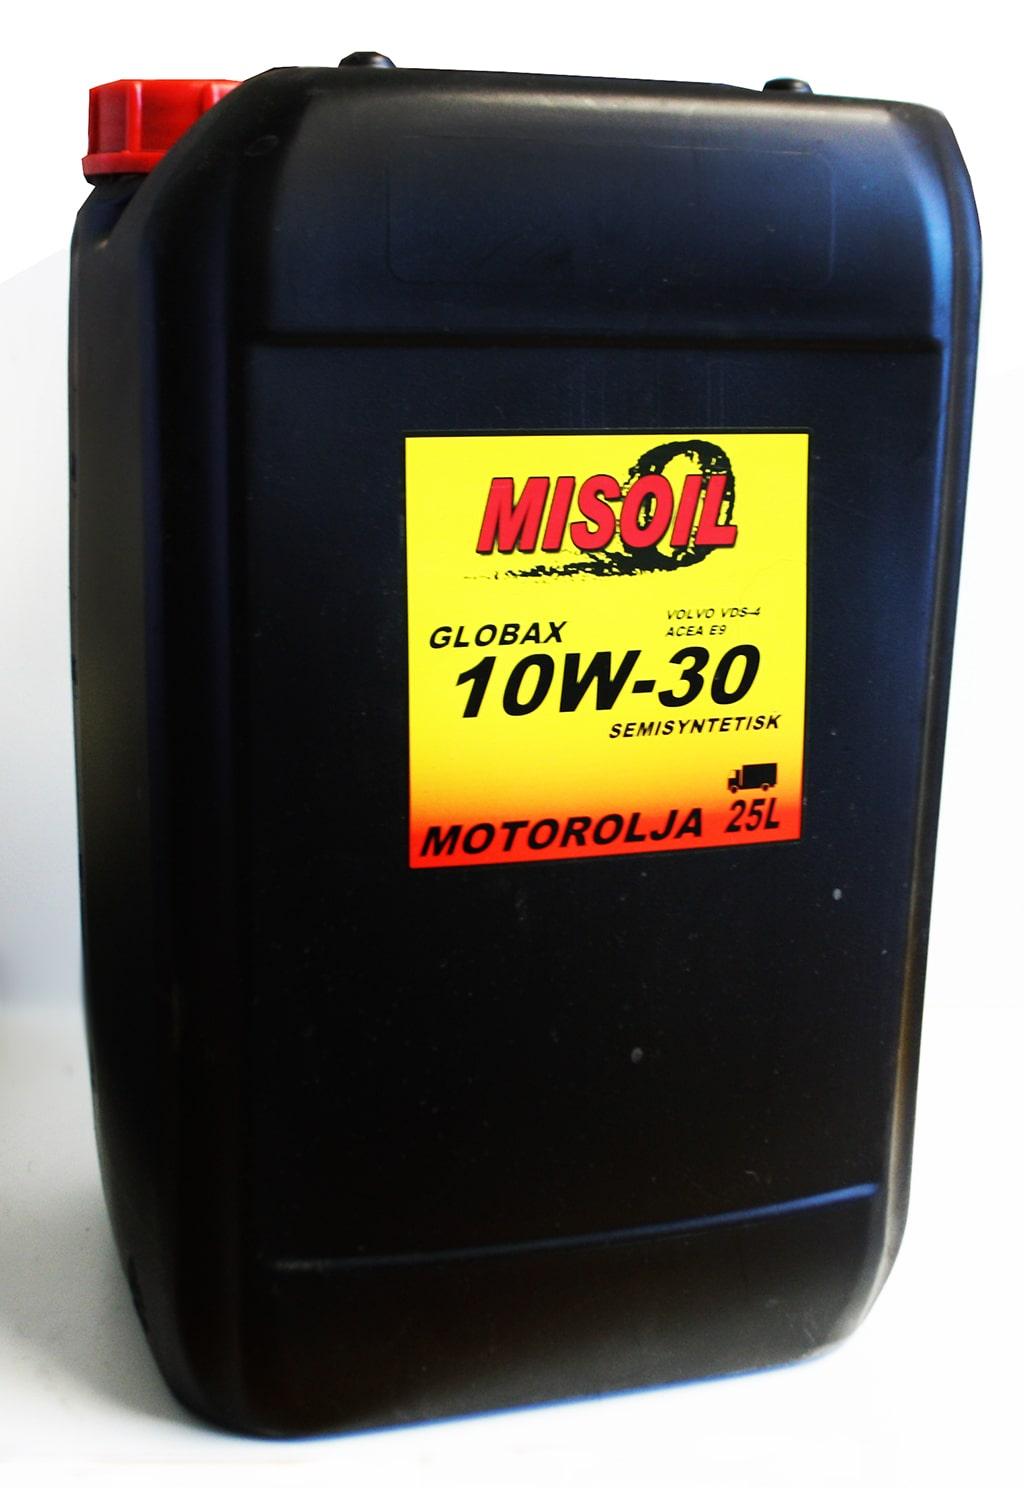 MISOIL GLOBAX 10W-30 VDS-4